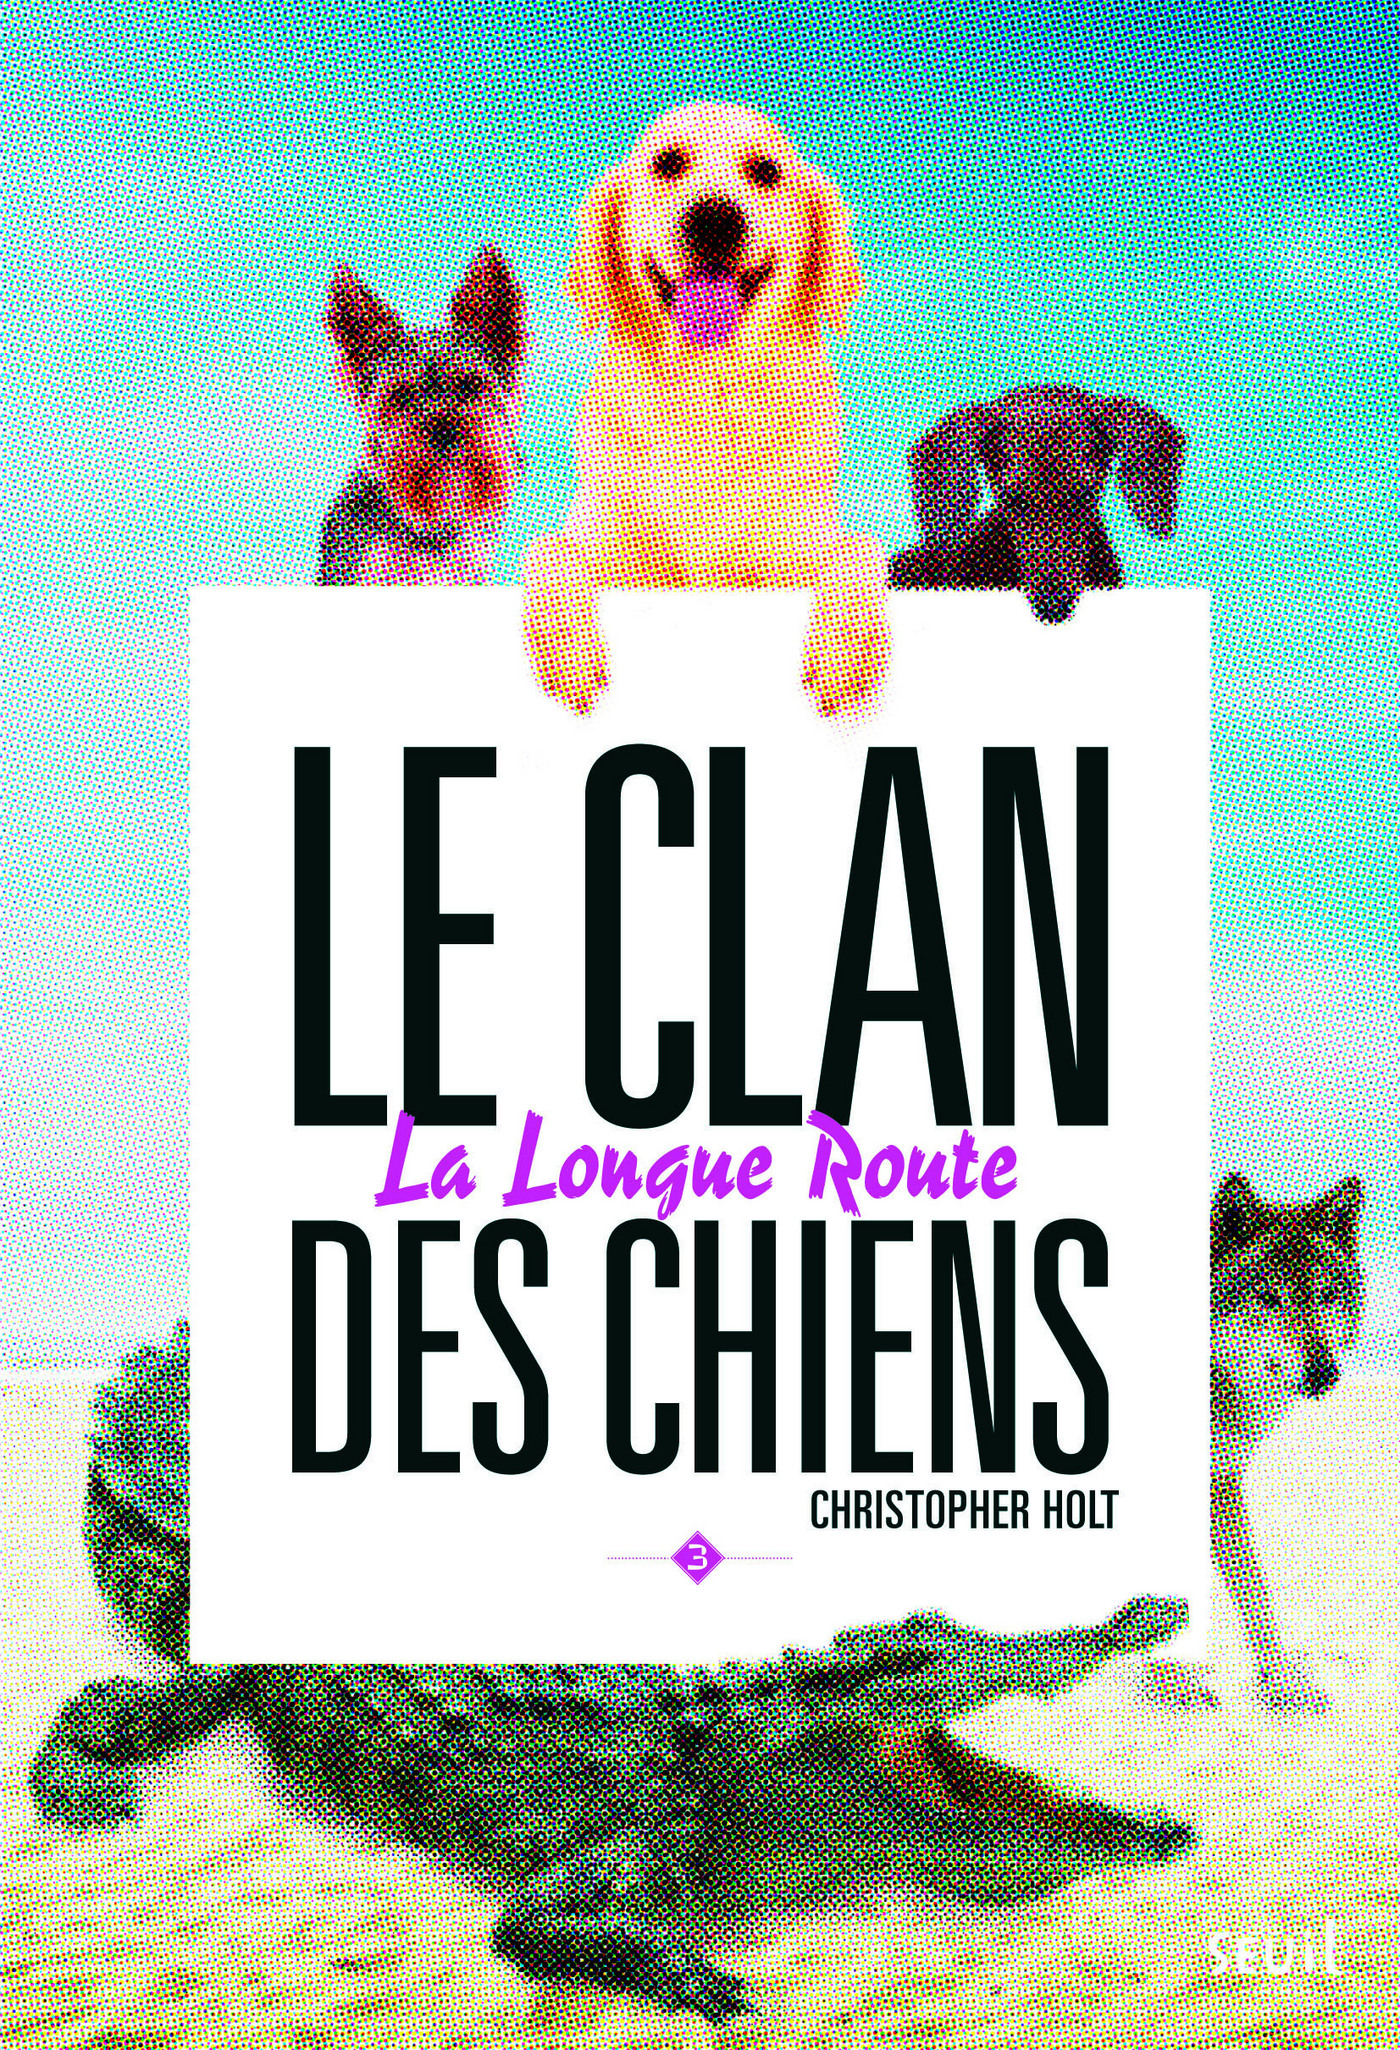 La Longue route. Clan des chiens, tome 3